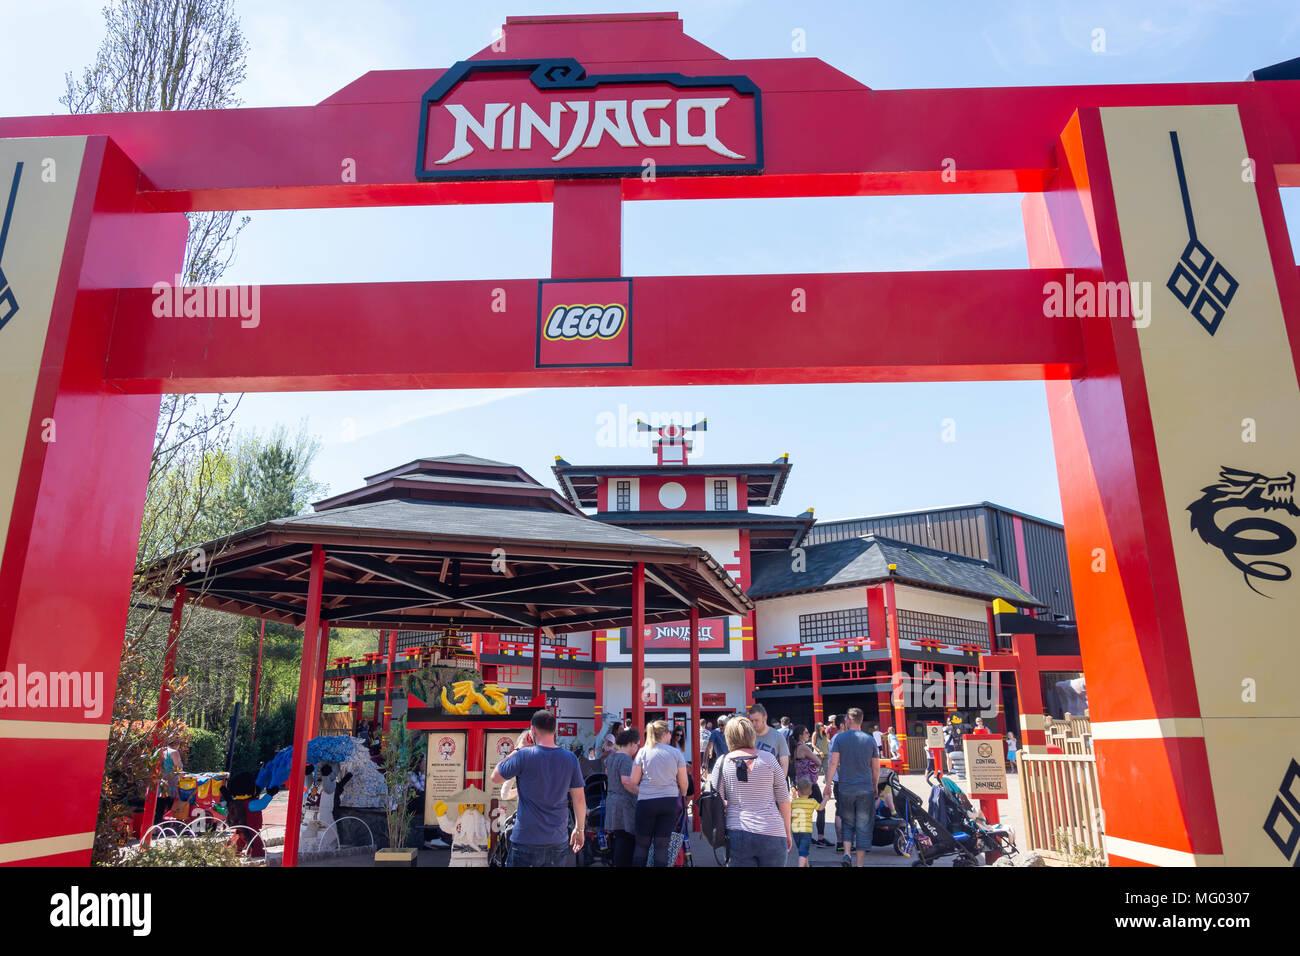 Entrance gate to Lego Ninjago World ride at Legoland Windsor Resort, Windsor, Berkshire, England, United Kingdom Stock Photo